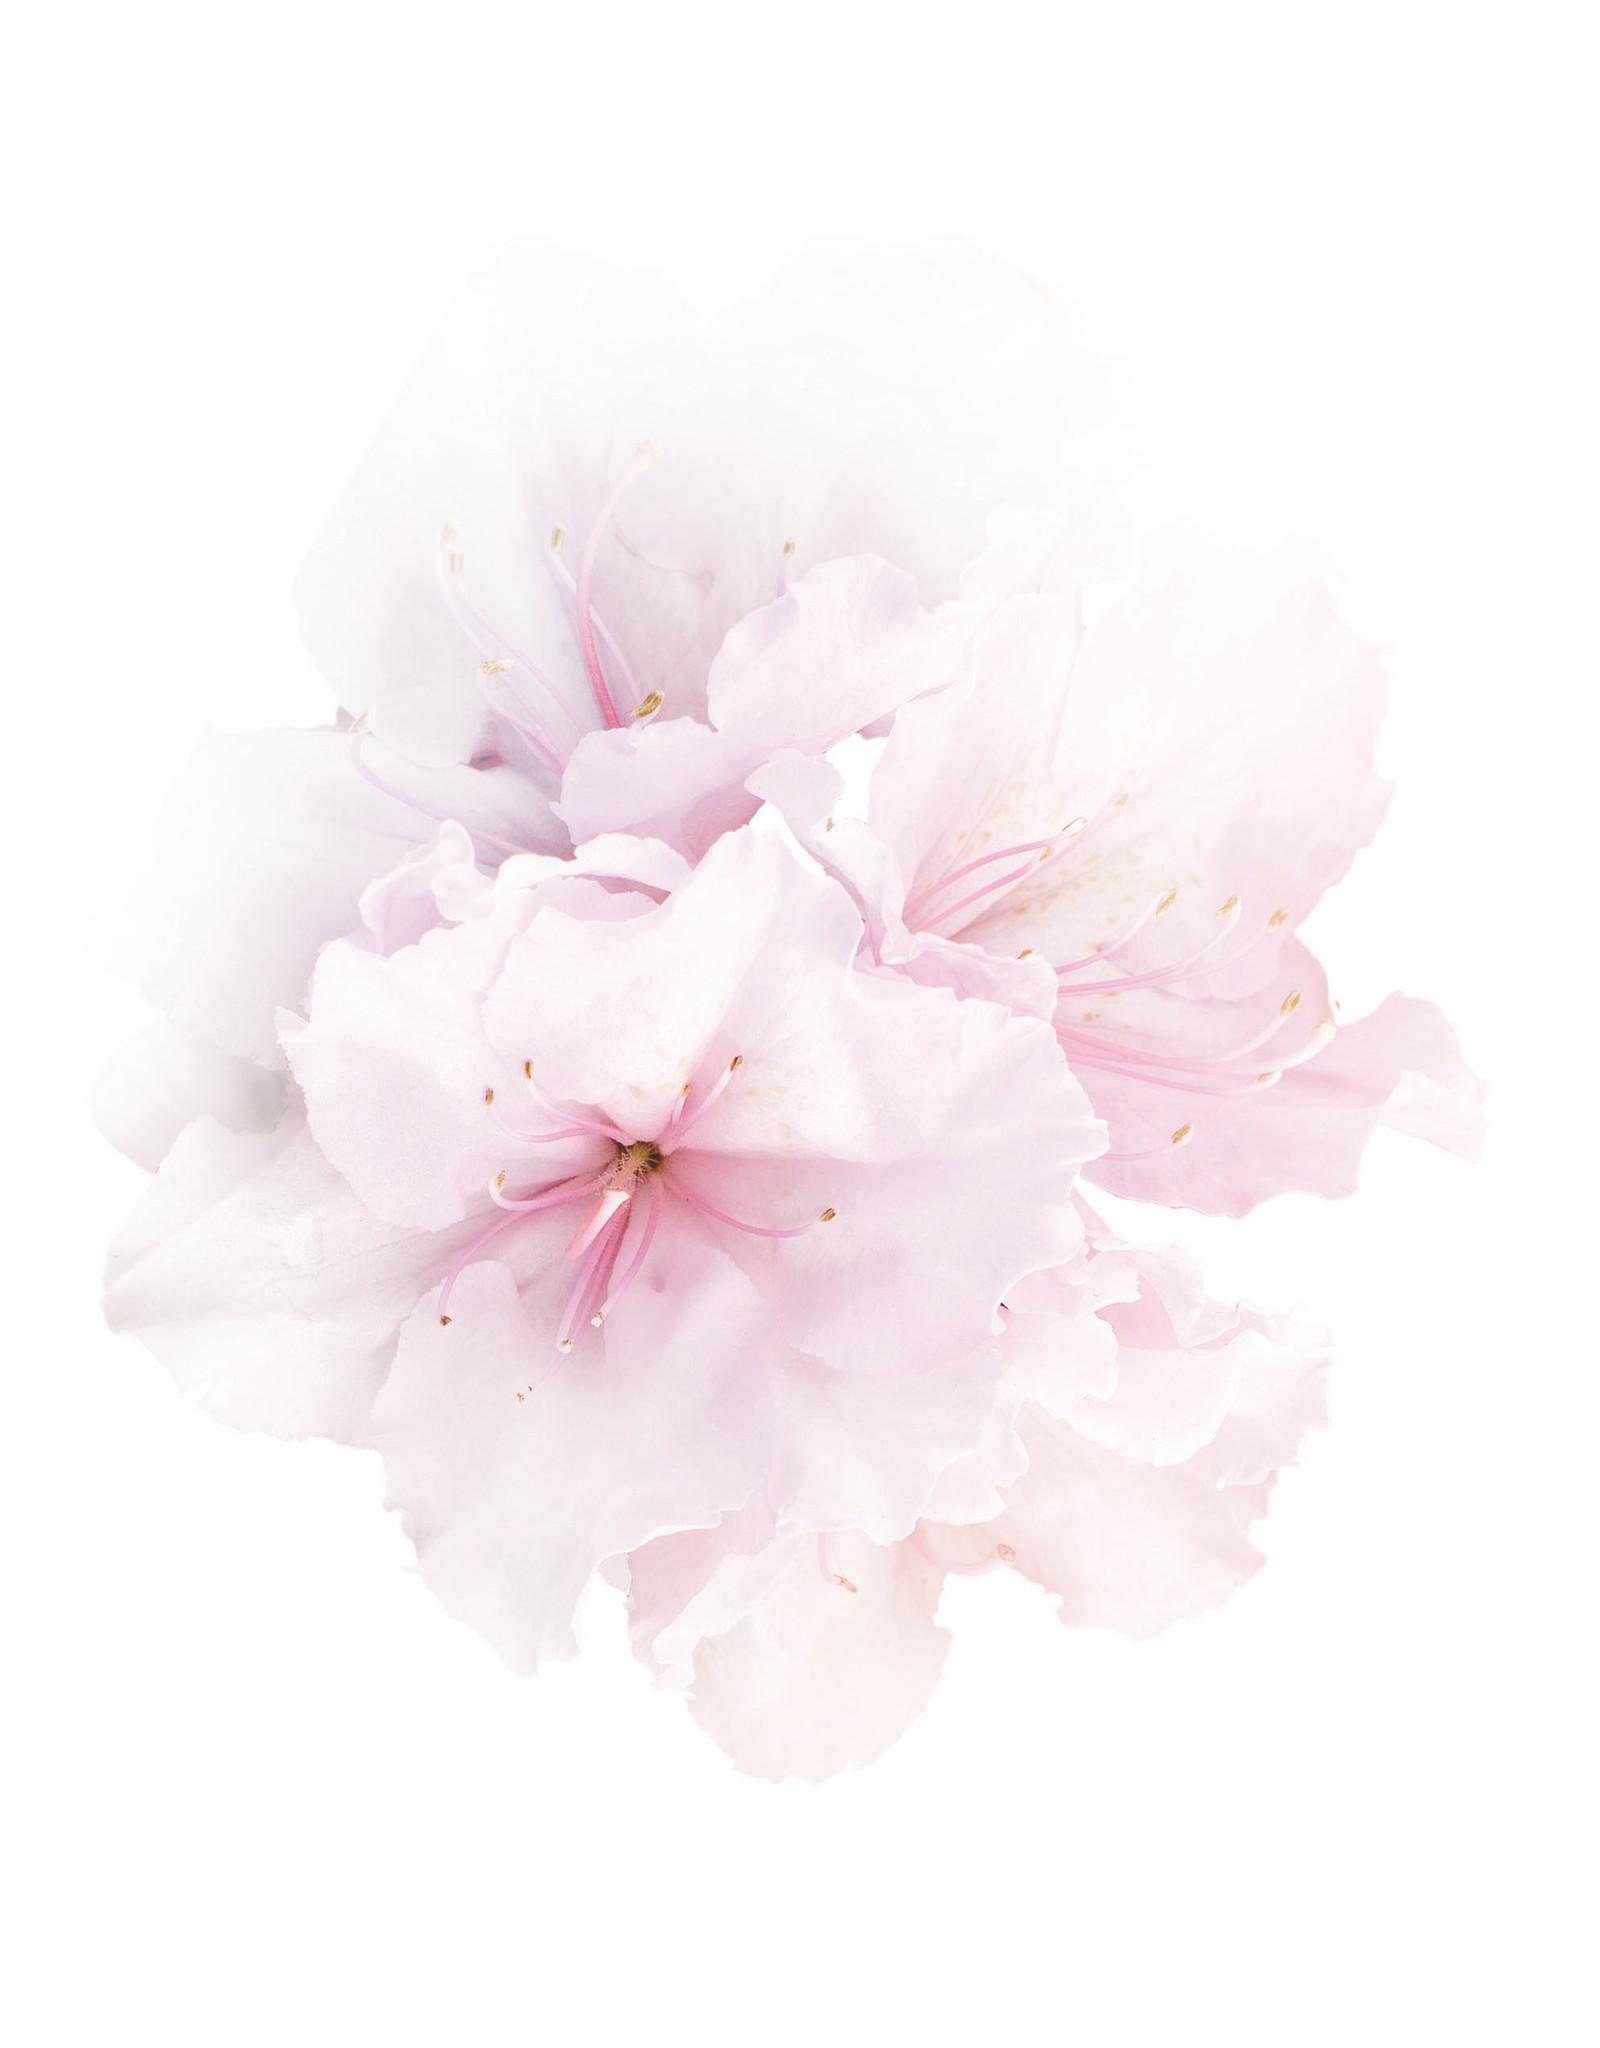 SOTHYS Beurre de karité - Fleur de cerisier et lotus - Sothys